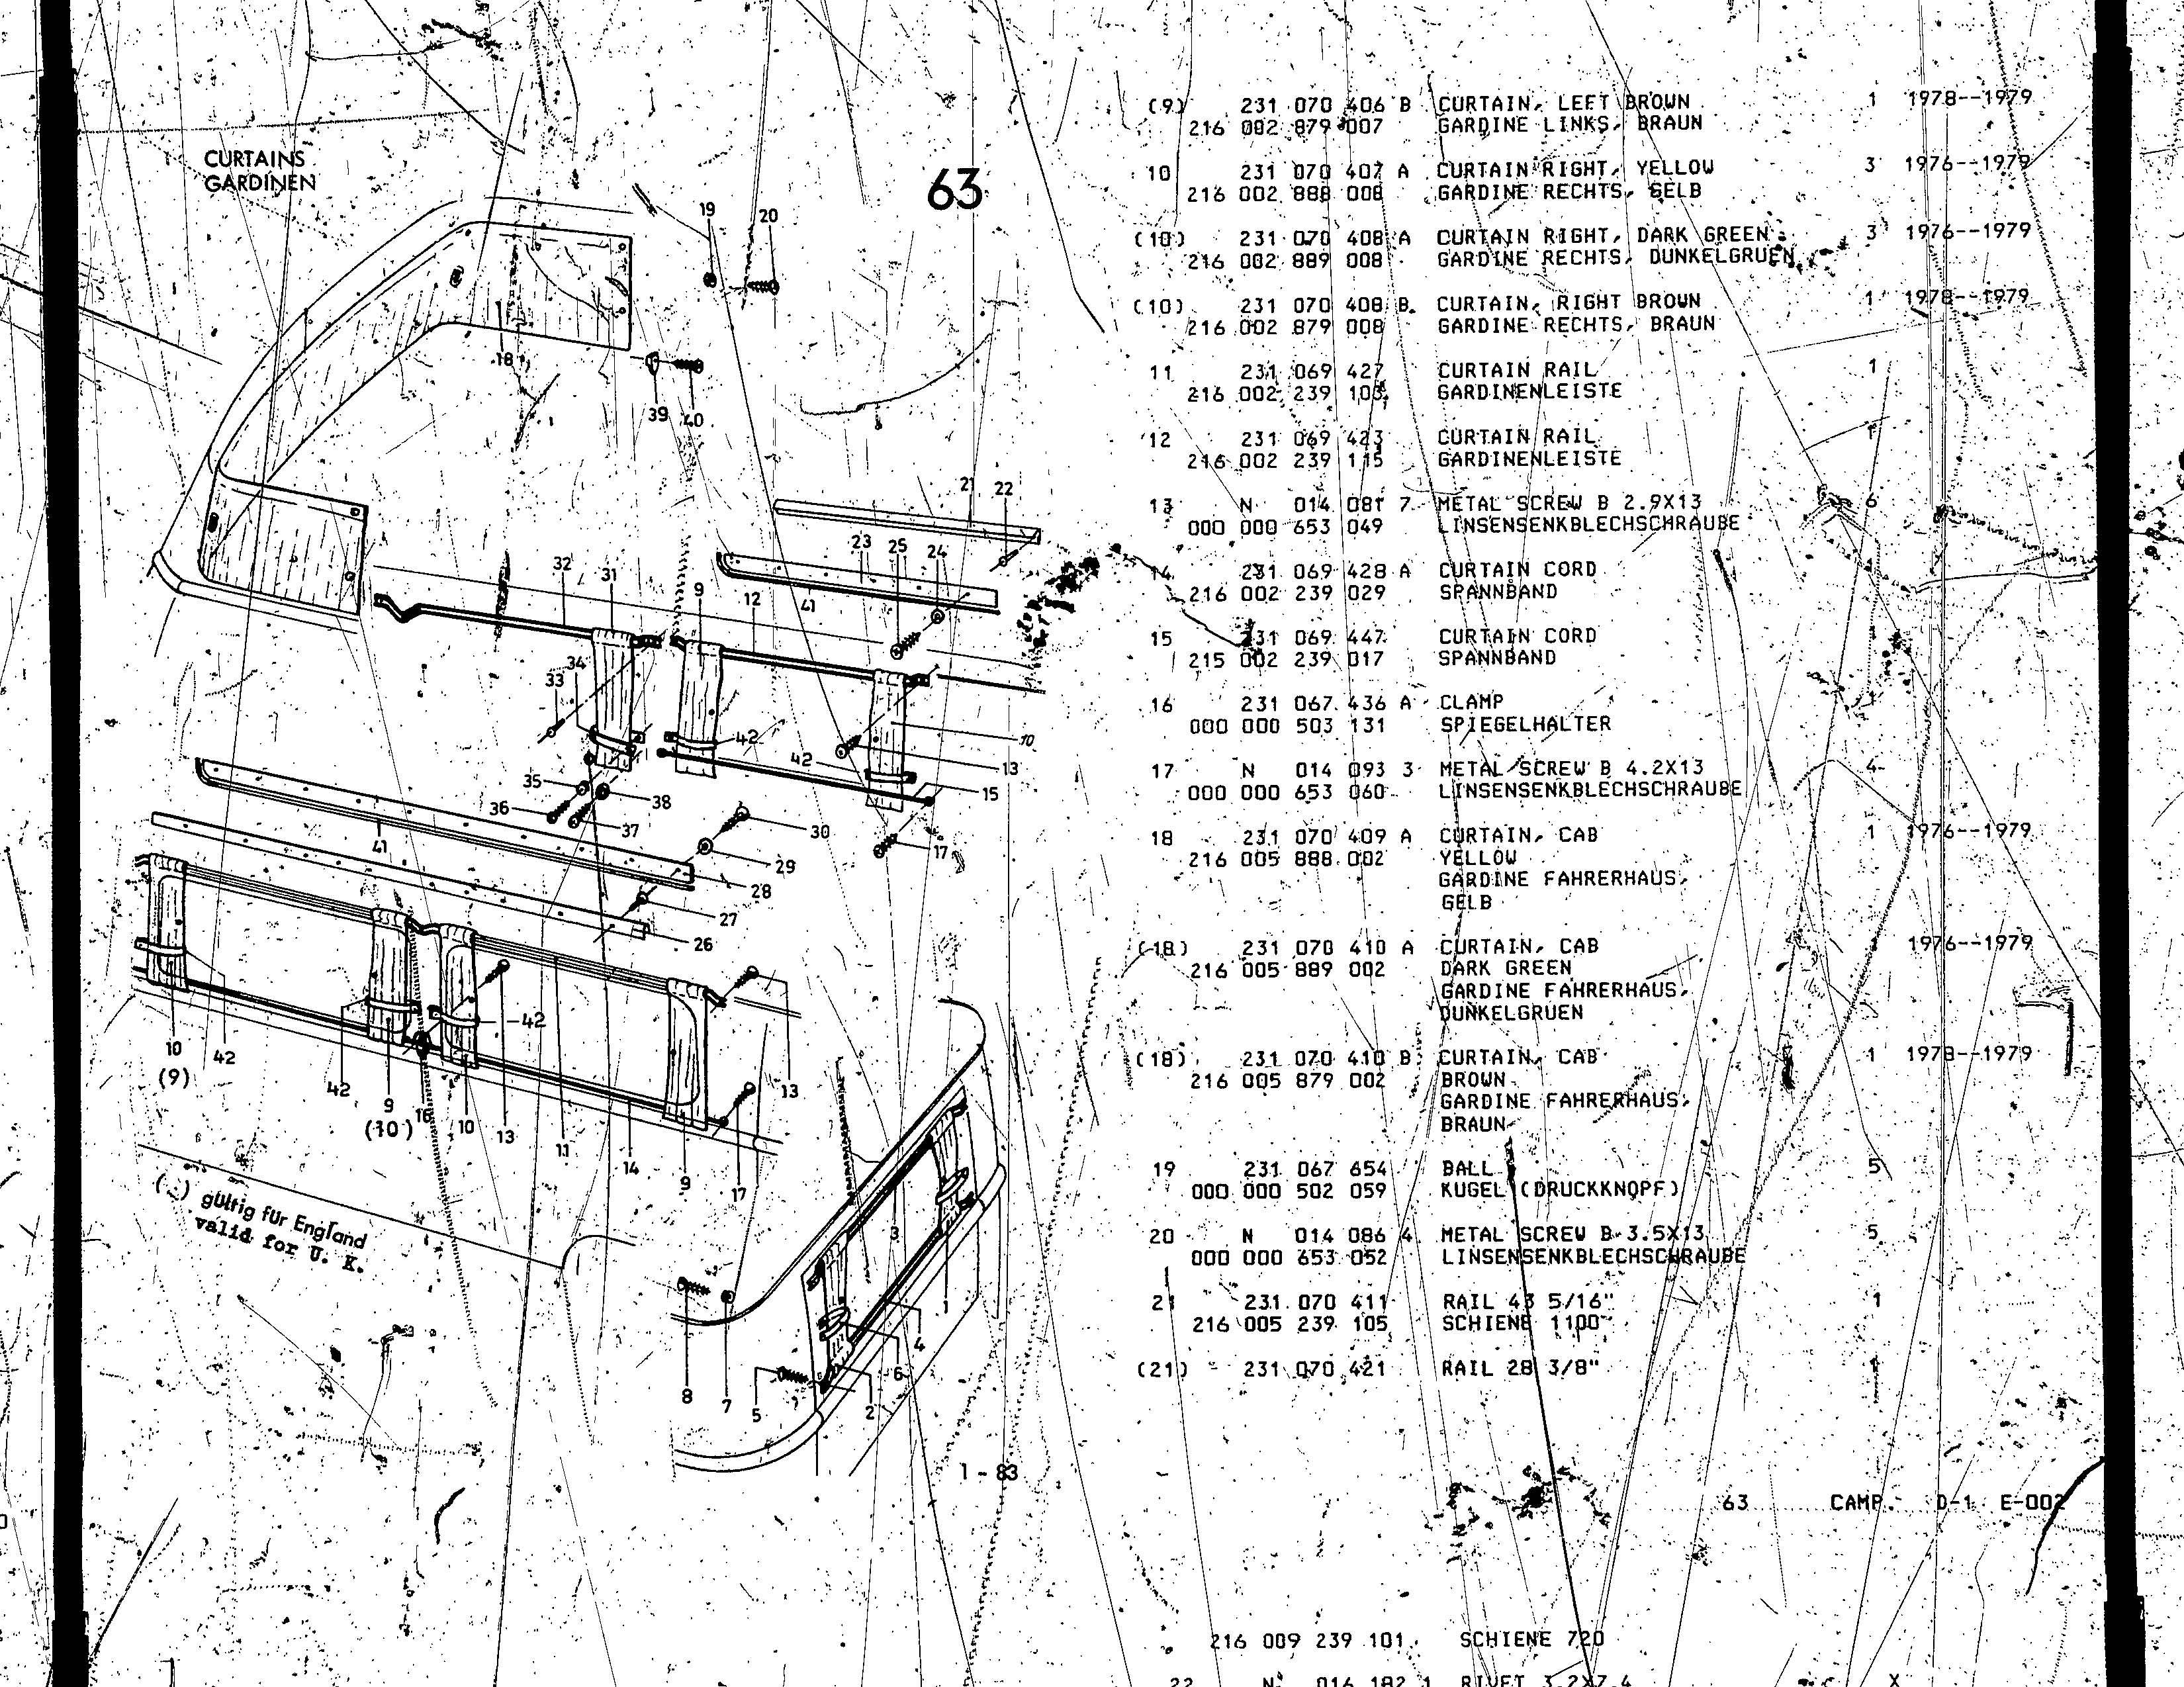 3300x2549 Centergtbaywindow Bus Camper Parts Ficheltcentergt